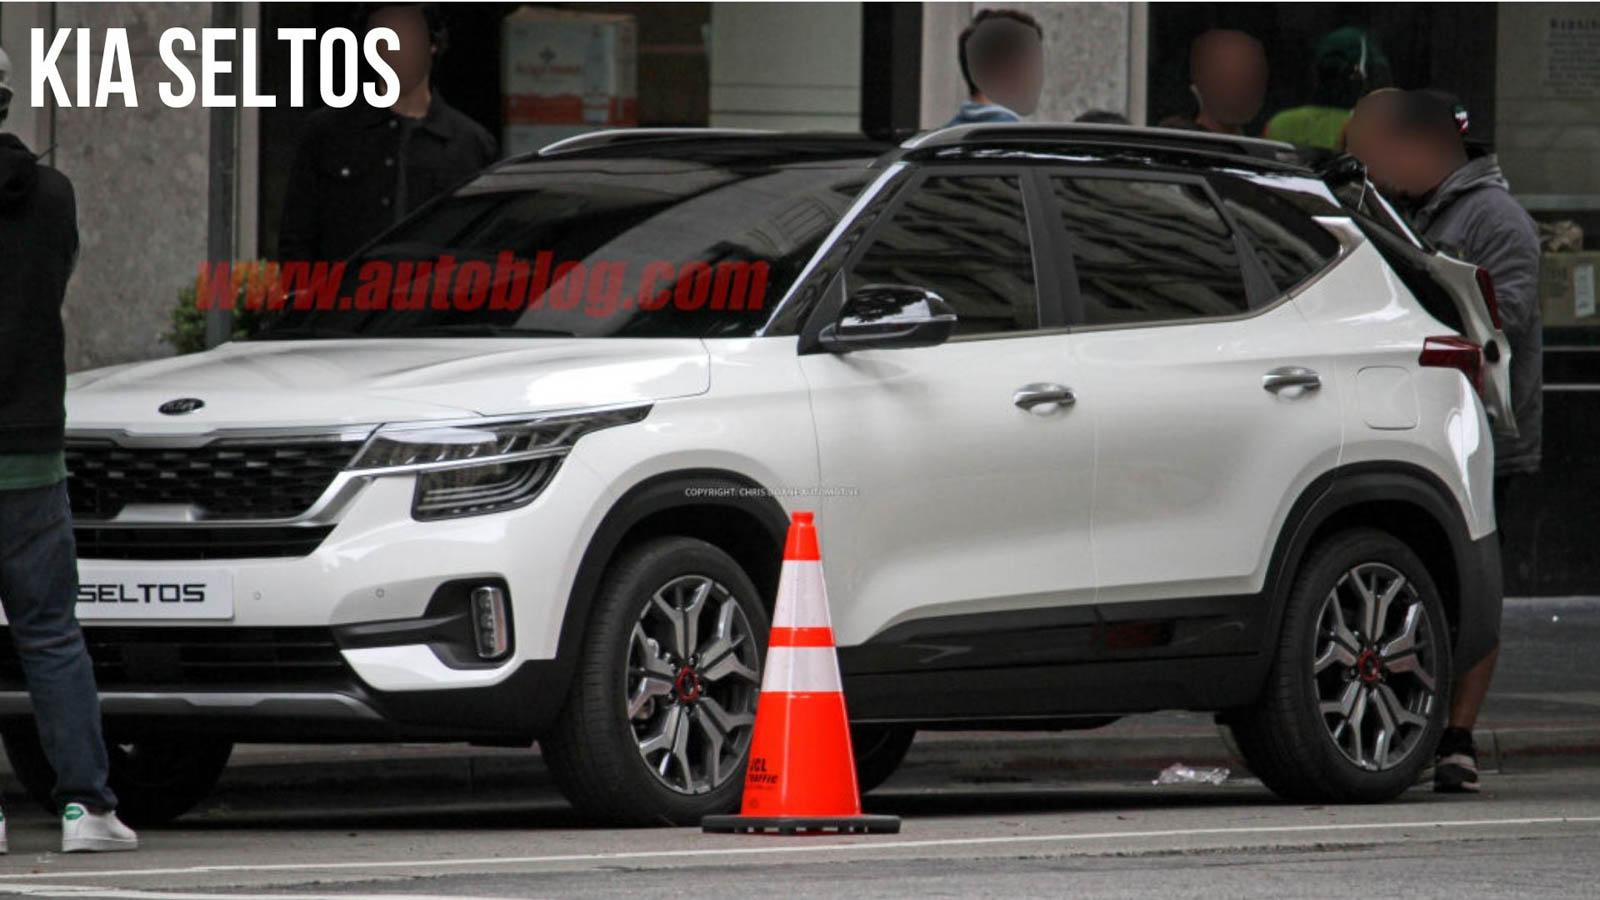 Kia Seltos SUV To Debut This Month, To Rival Hyundai Creta